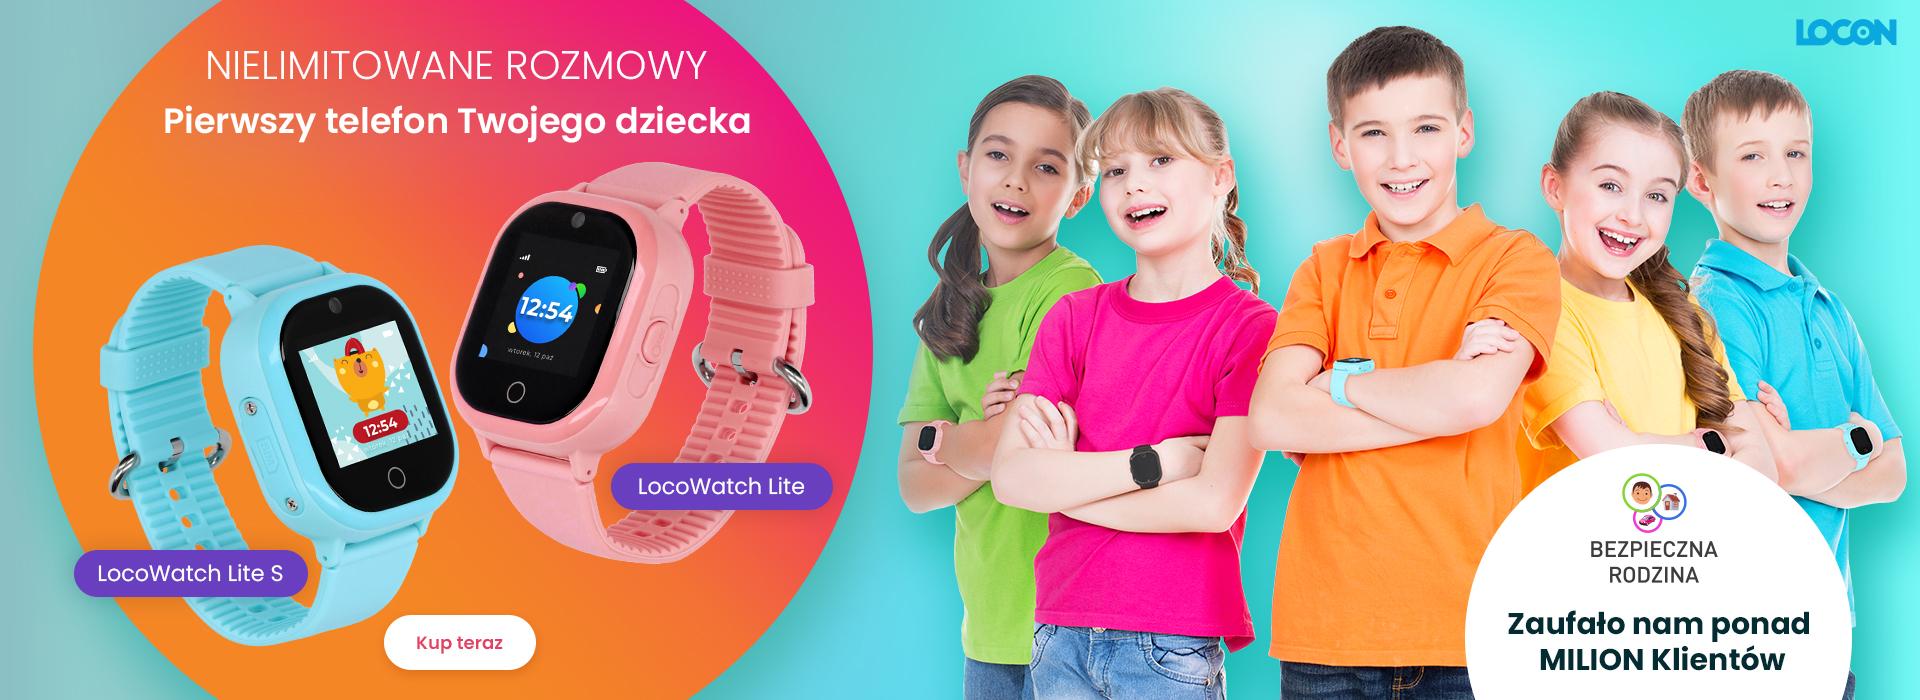 Czworo kilkuletnich dzieci w wieku szkolnym z plecakami i smartwatchami GPS LocoWatch oraz widok trzech zegarków LocoWatch w kolorze niebieskim, różowym i granatowym z kolorowymi tapetami